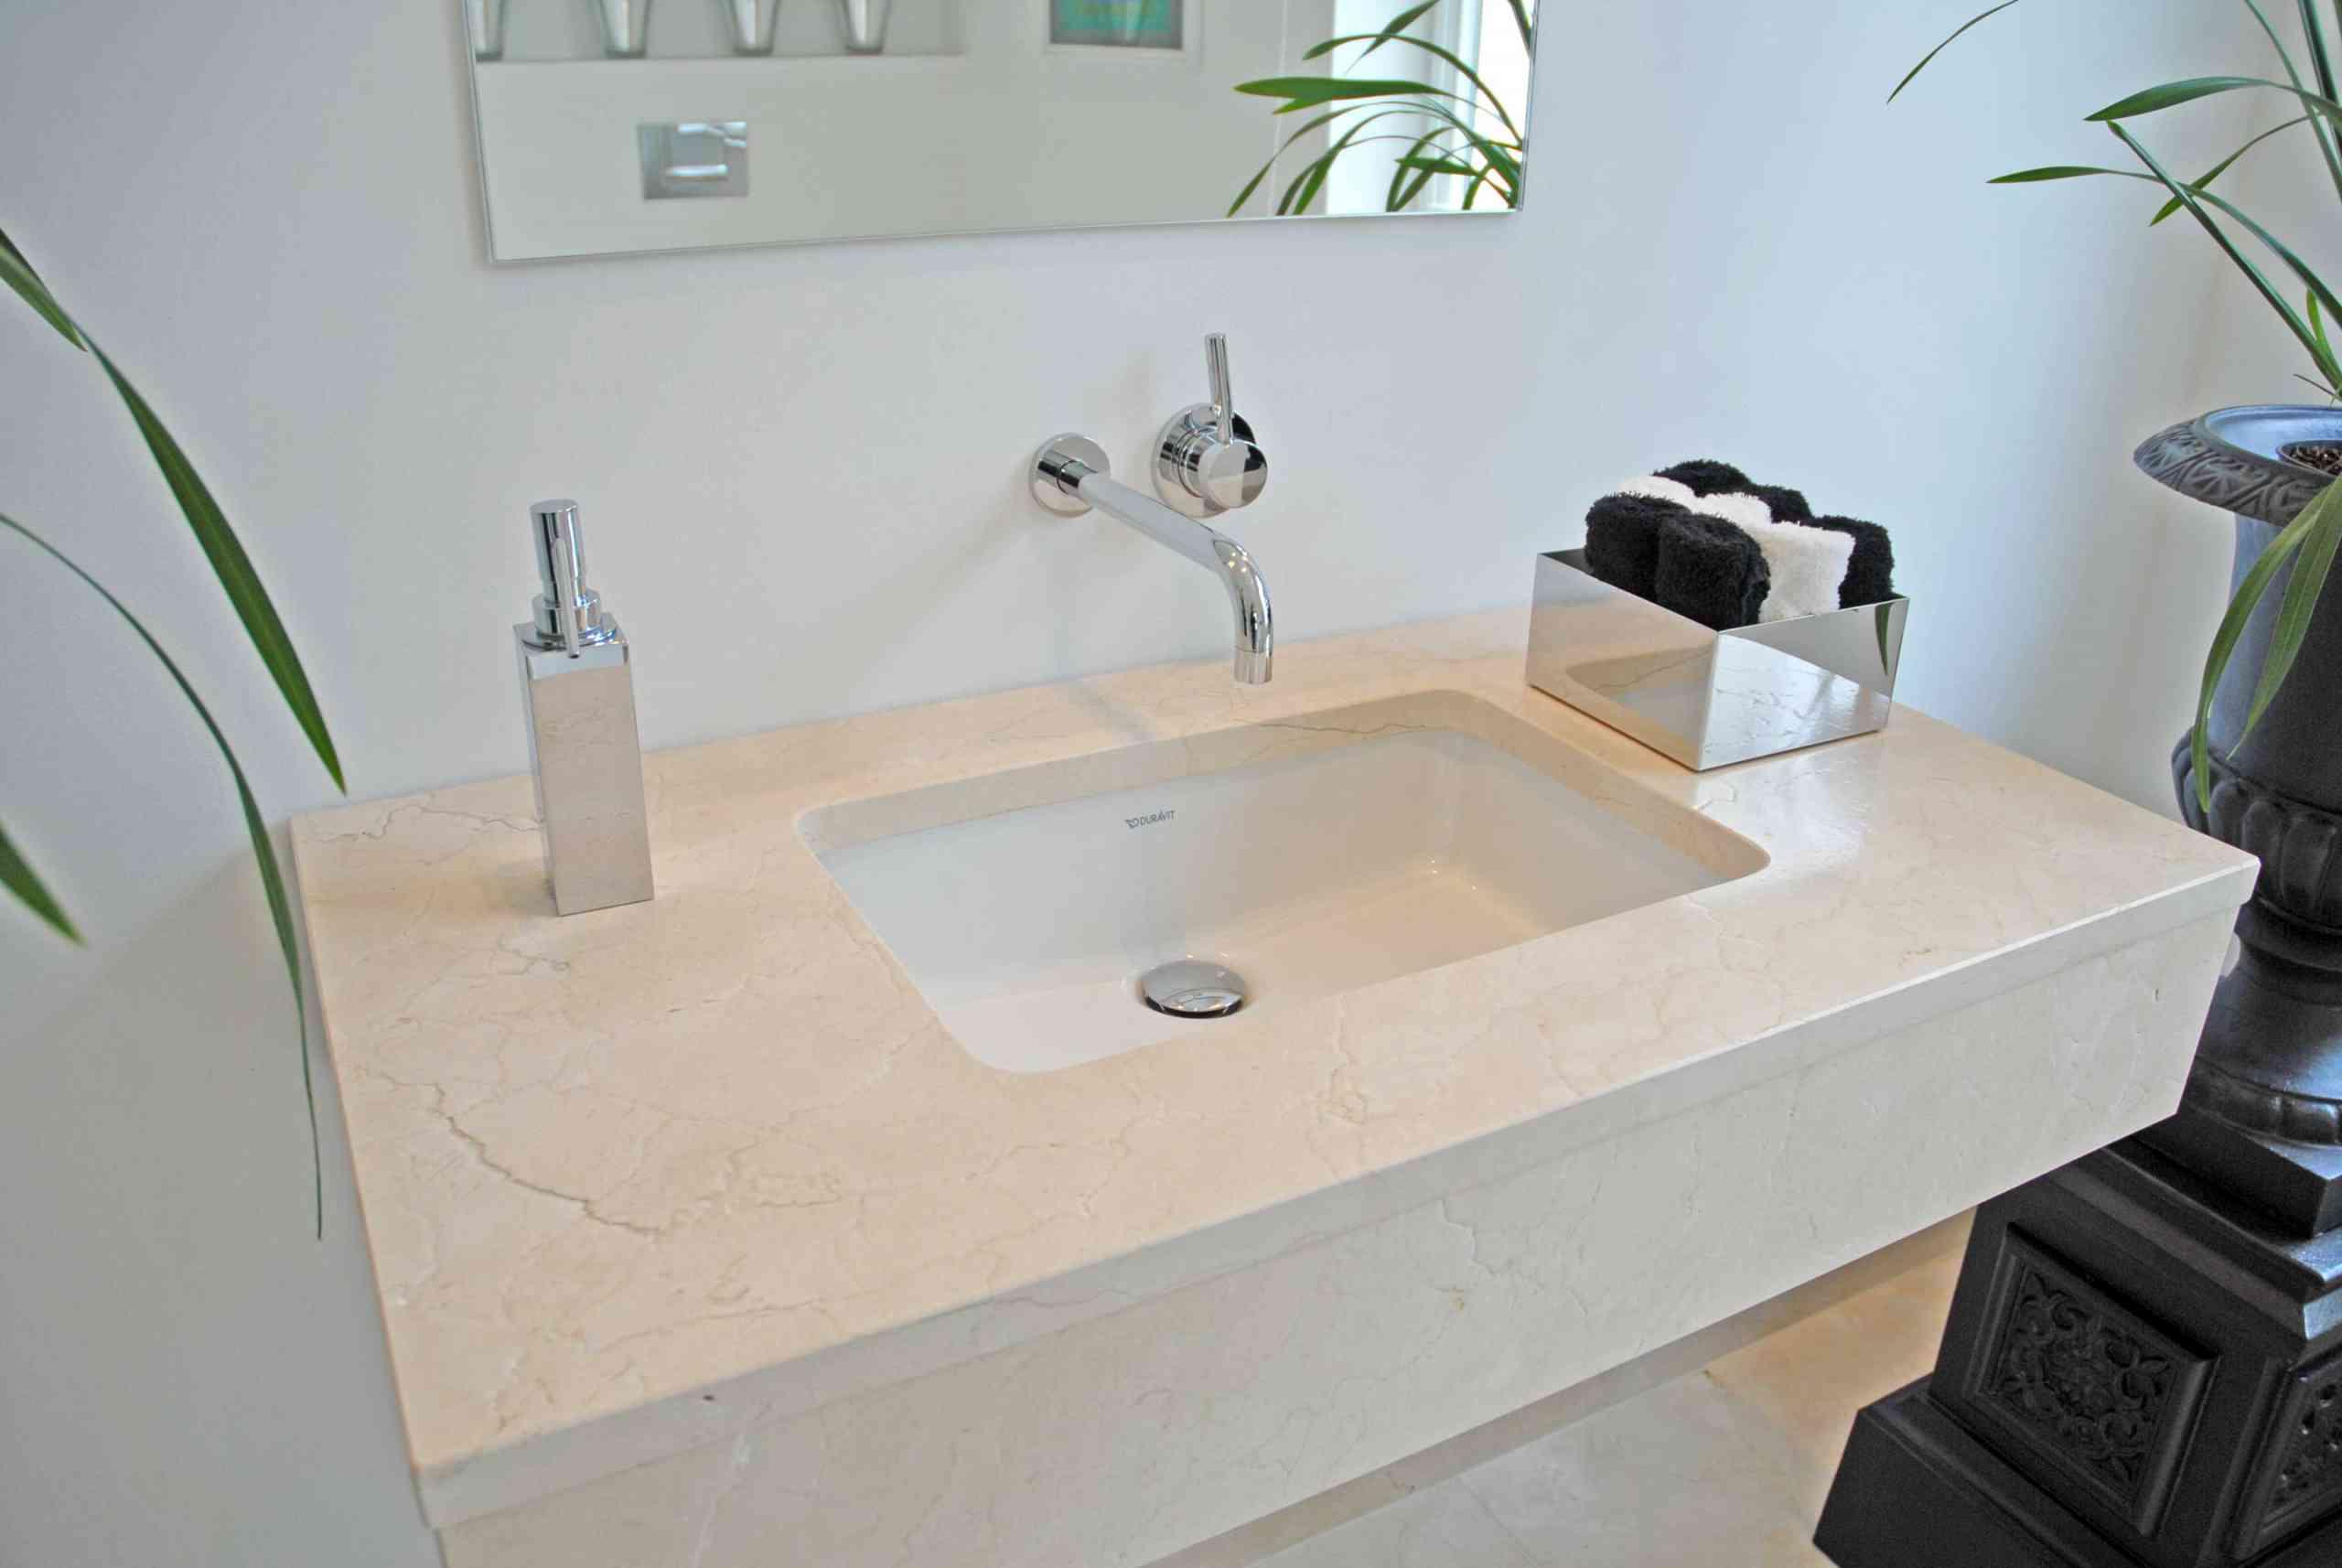 Waschtischplatte in Crema Marfil mit Unterbaubecken